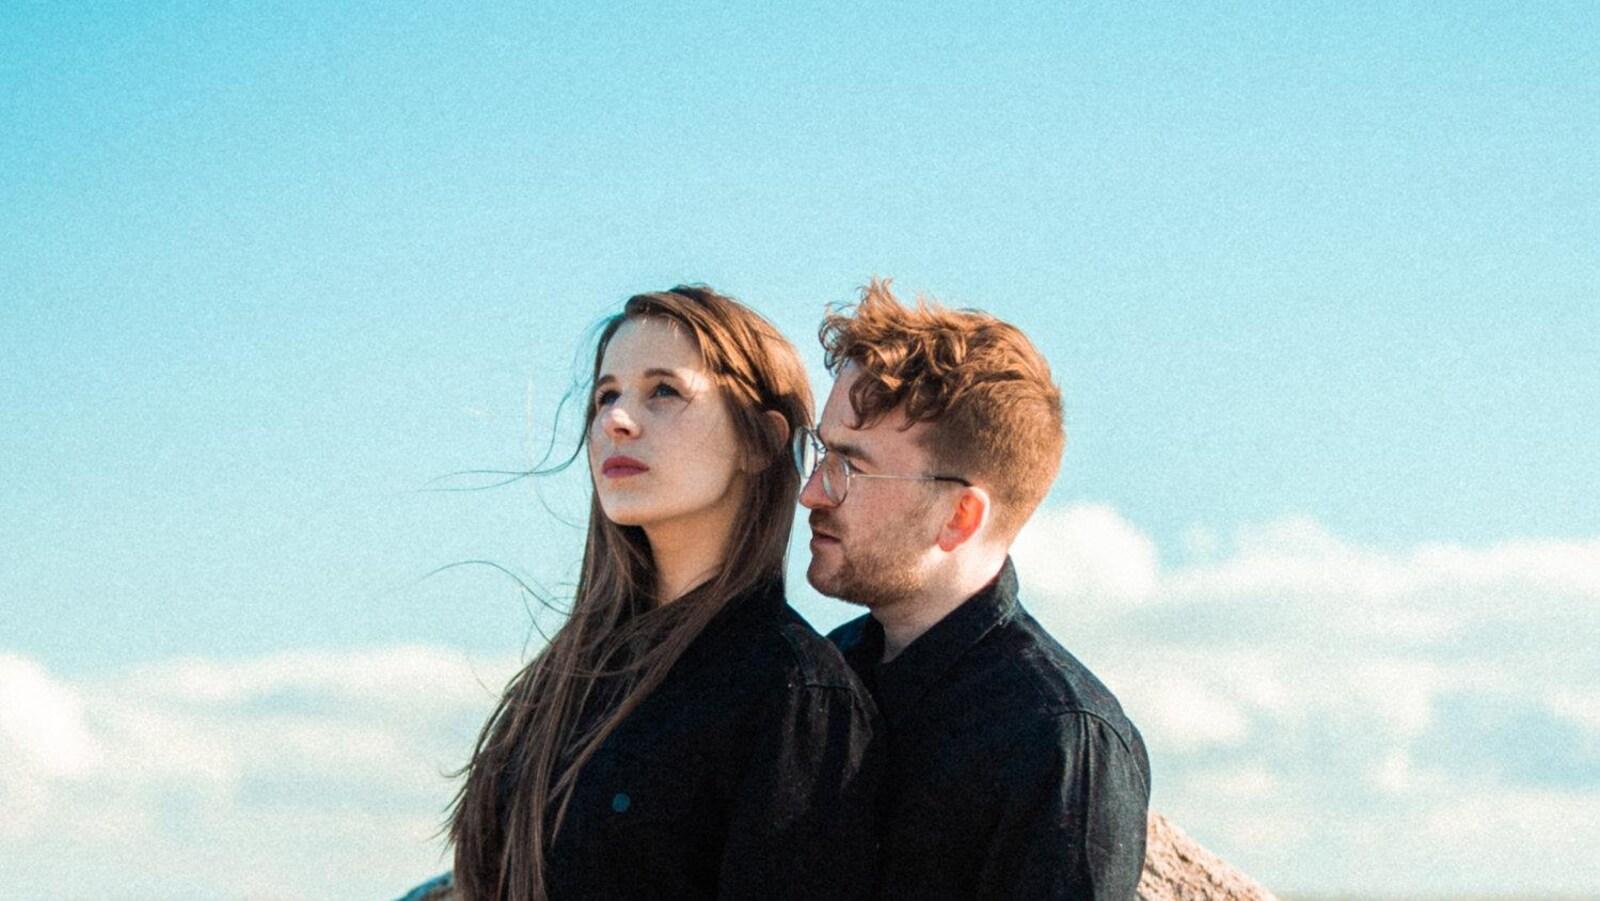 La pochette de l'album De la rivière à la mer d'Alain Barbeau et Geneviève RB.